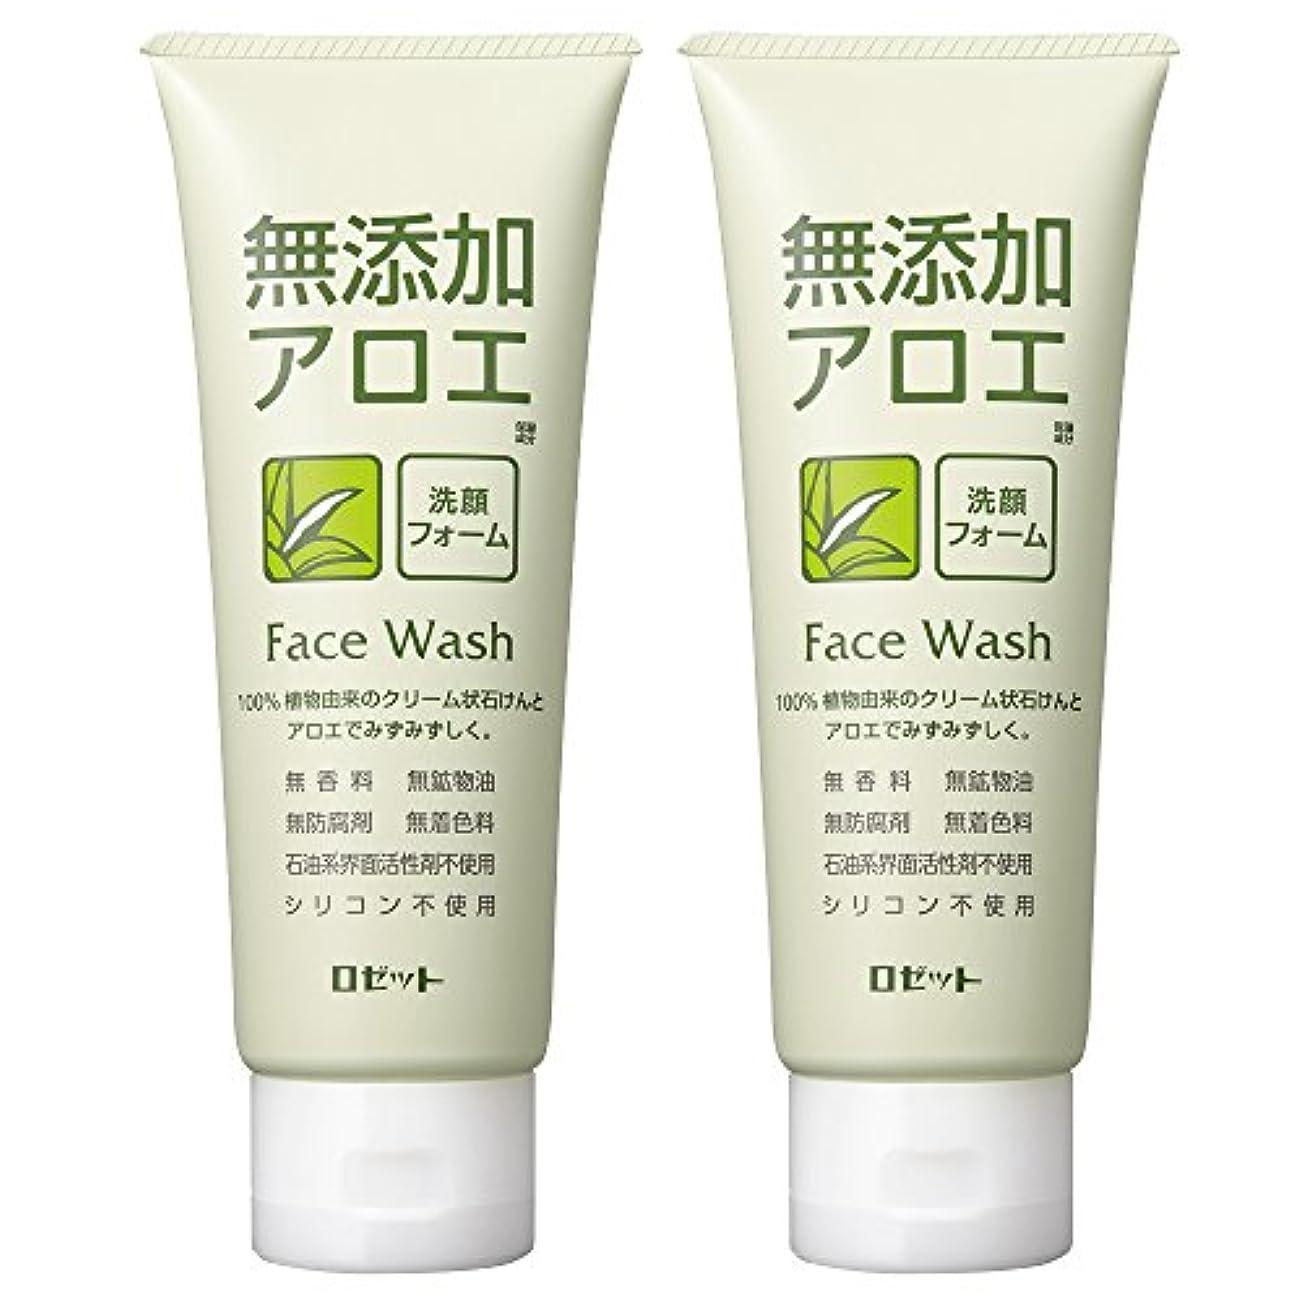 スクリーチ大学不毛のロゼット 無添加アロエ 洗顔フォーム 140g×2個パック AZ